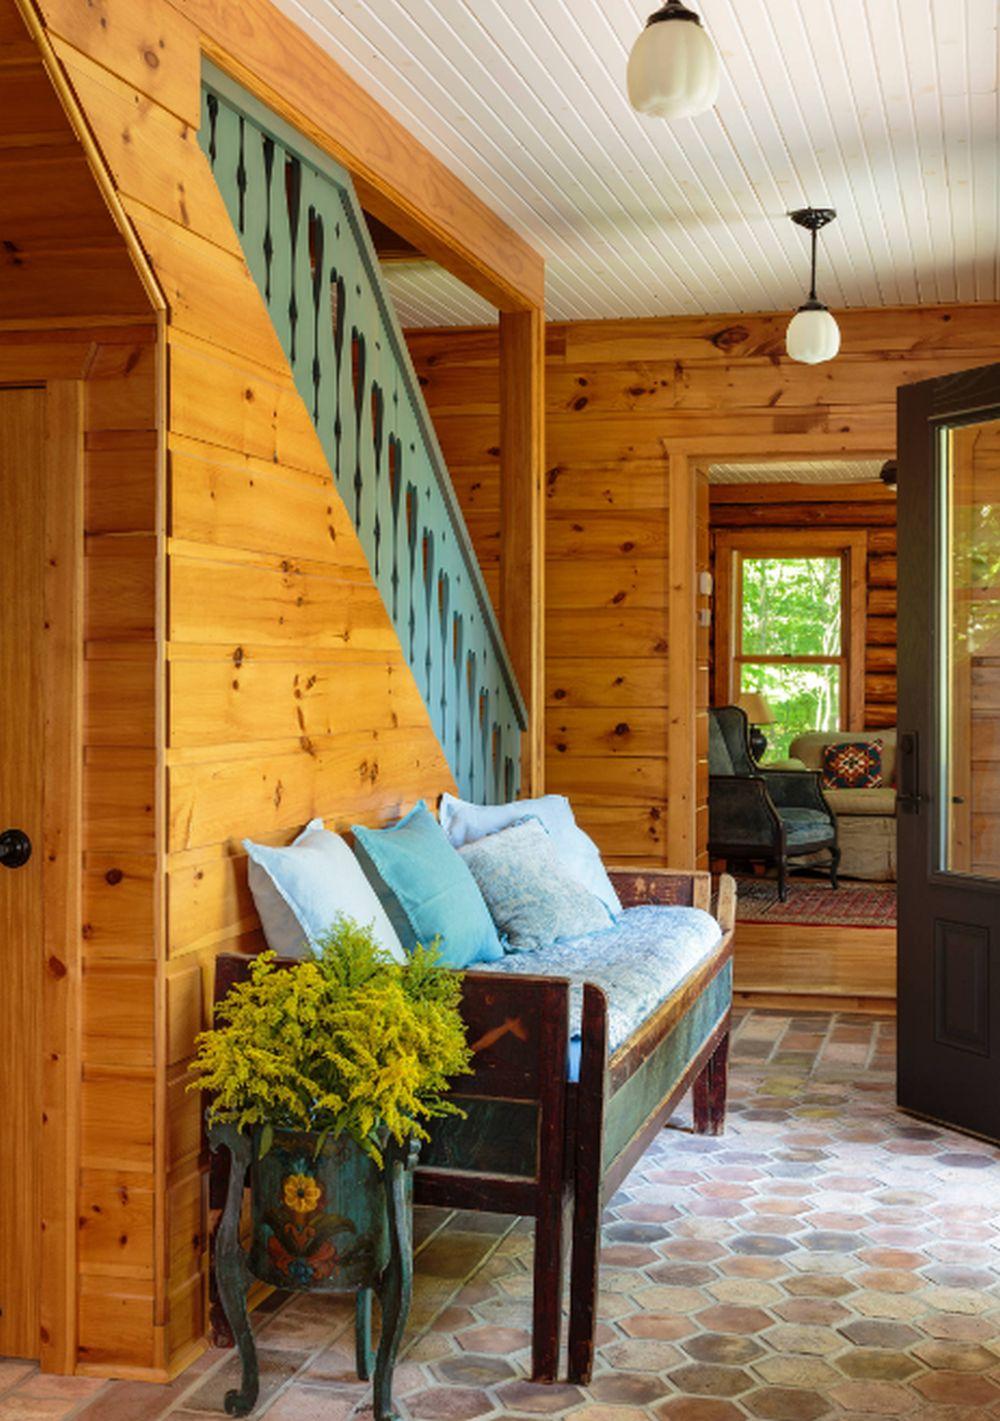 adelaparvu.com despre cabana rustica cu picturi scandinave, design Virge Temme Architecture, Foto Mark Lohmann (7)